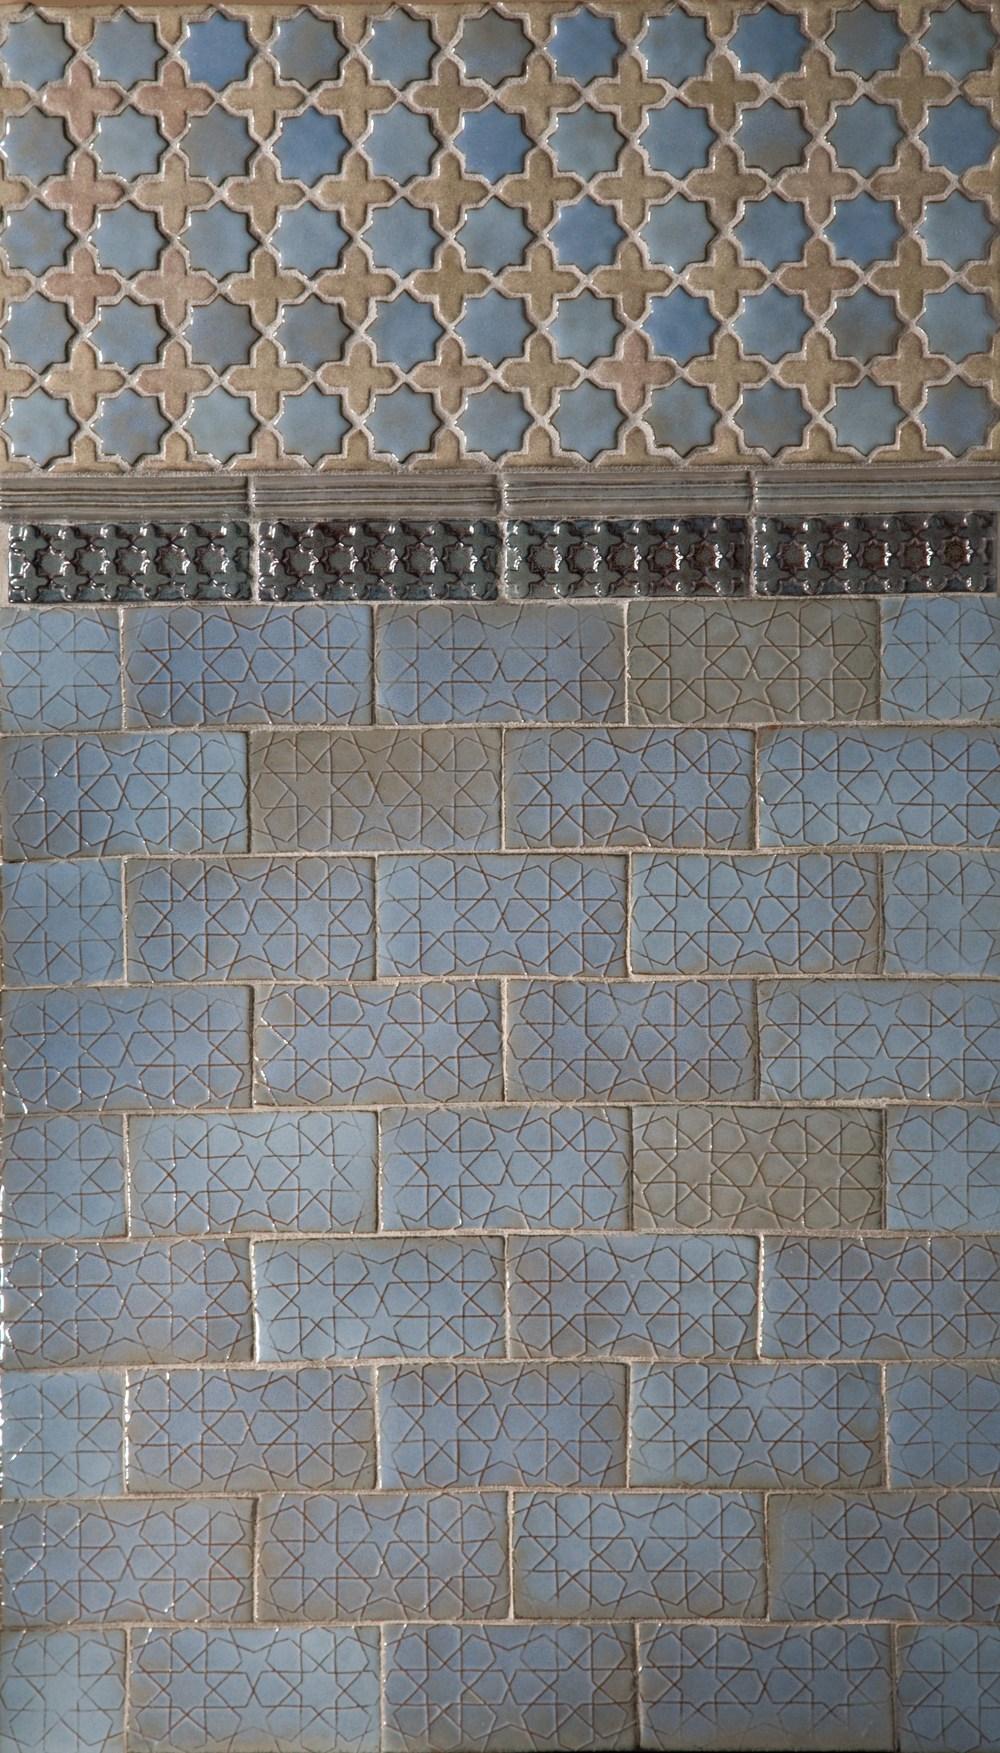 04_Lilywork-Tiles 2013.jpg